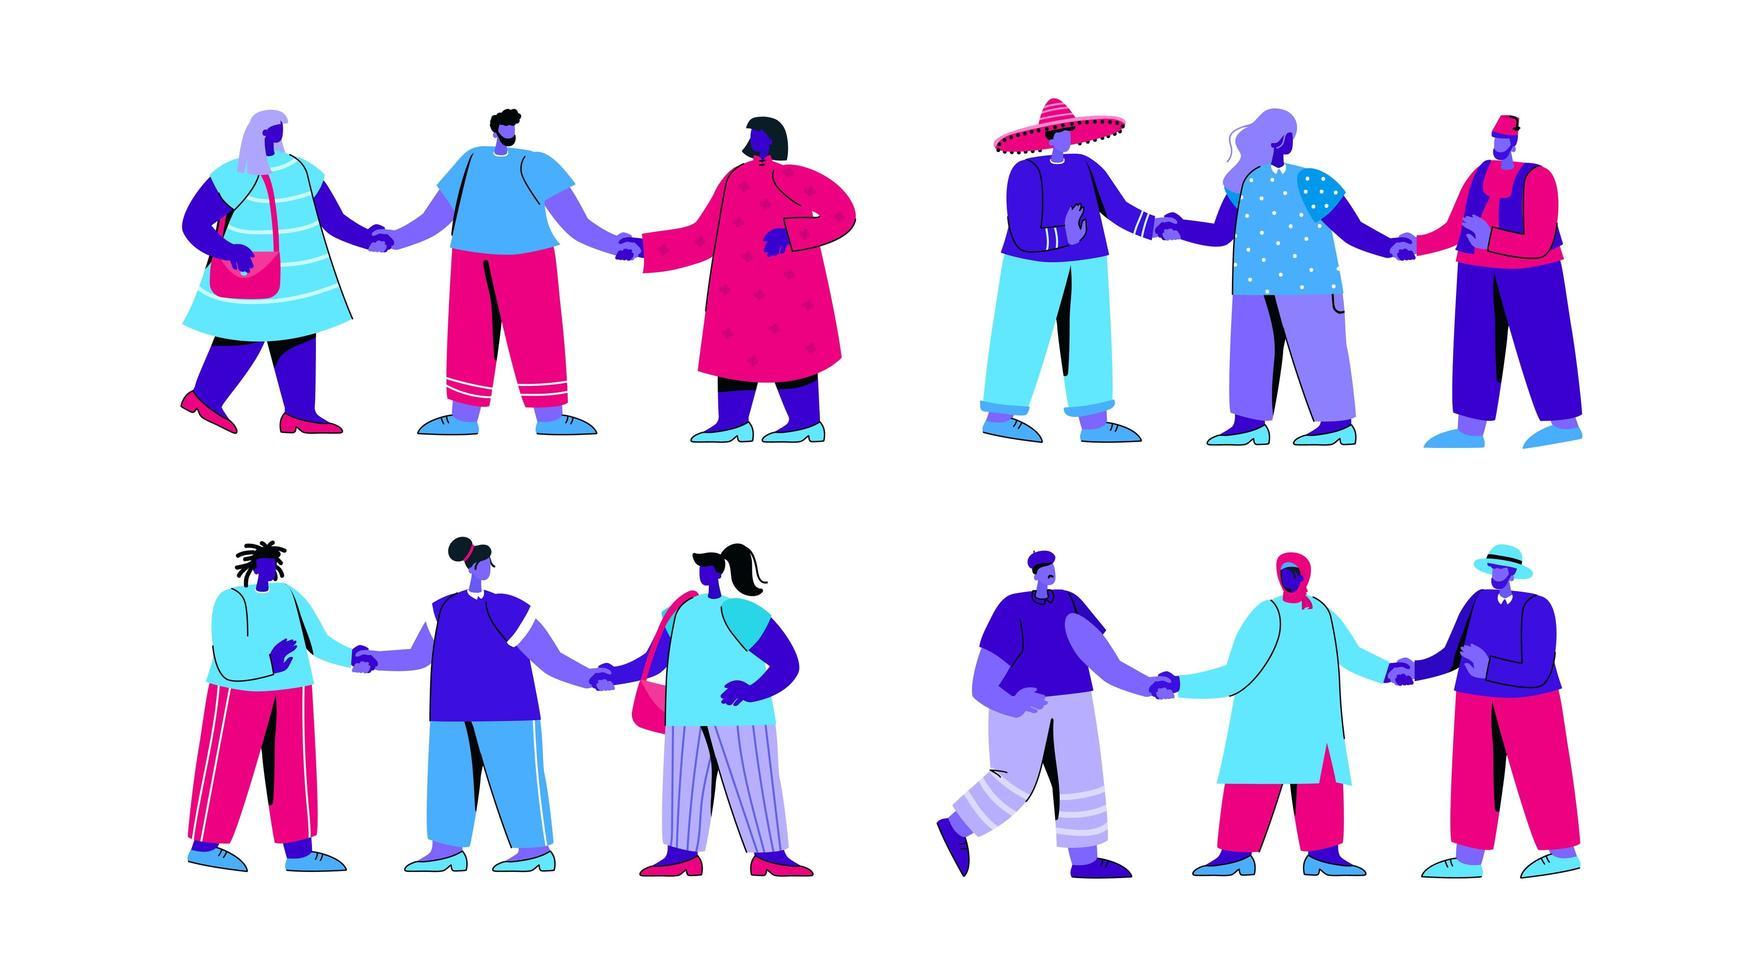 uppsättning olika grupper av män och kvinnor vektor